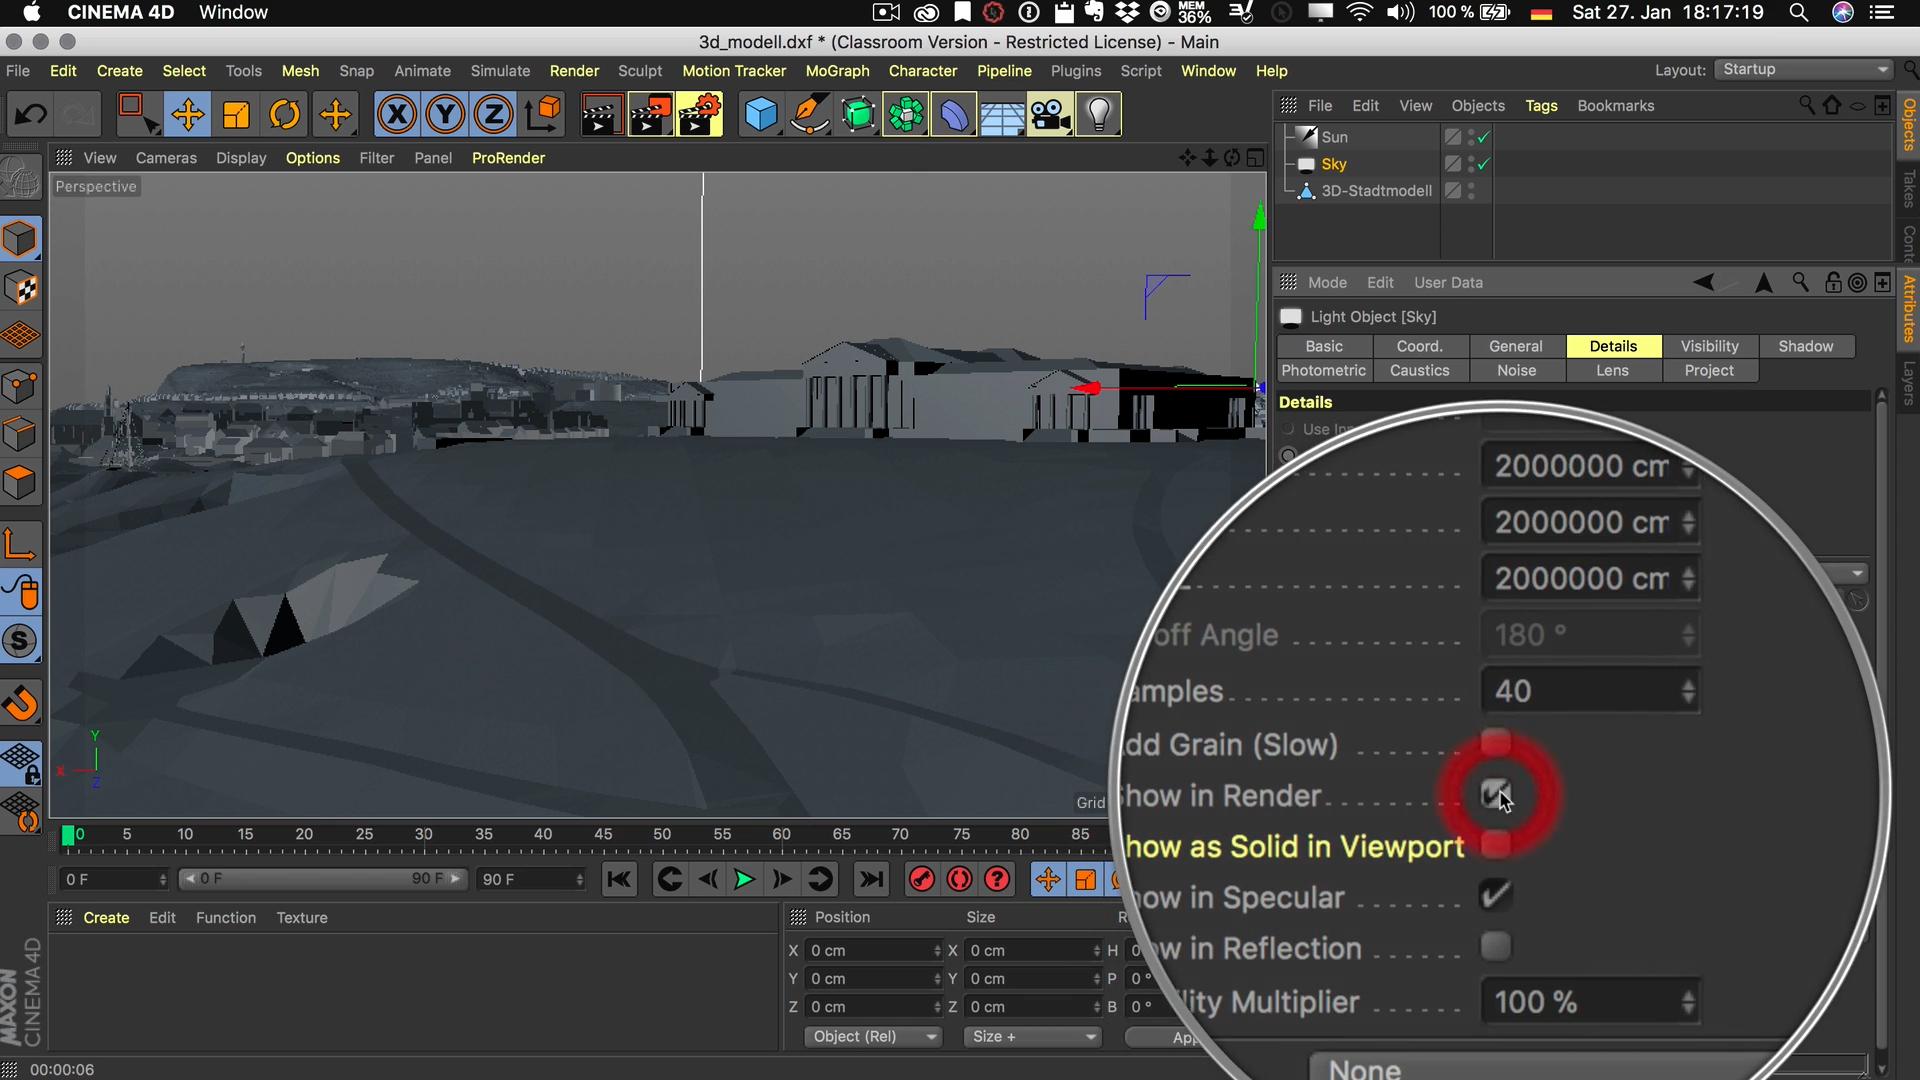 Cinema4D 3D-Stadtmodell Flächenlicht Im Rendering anzeigen Details Show in Render